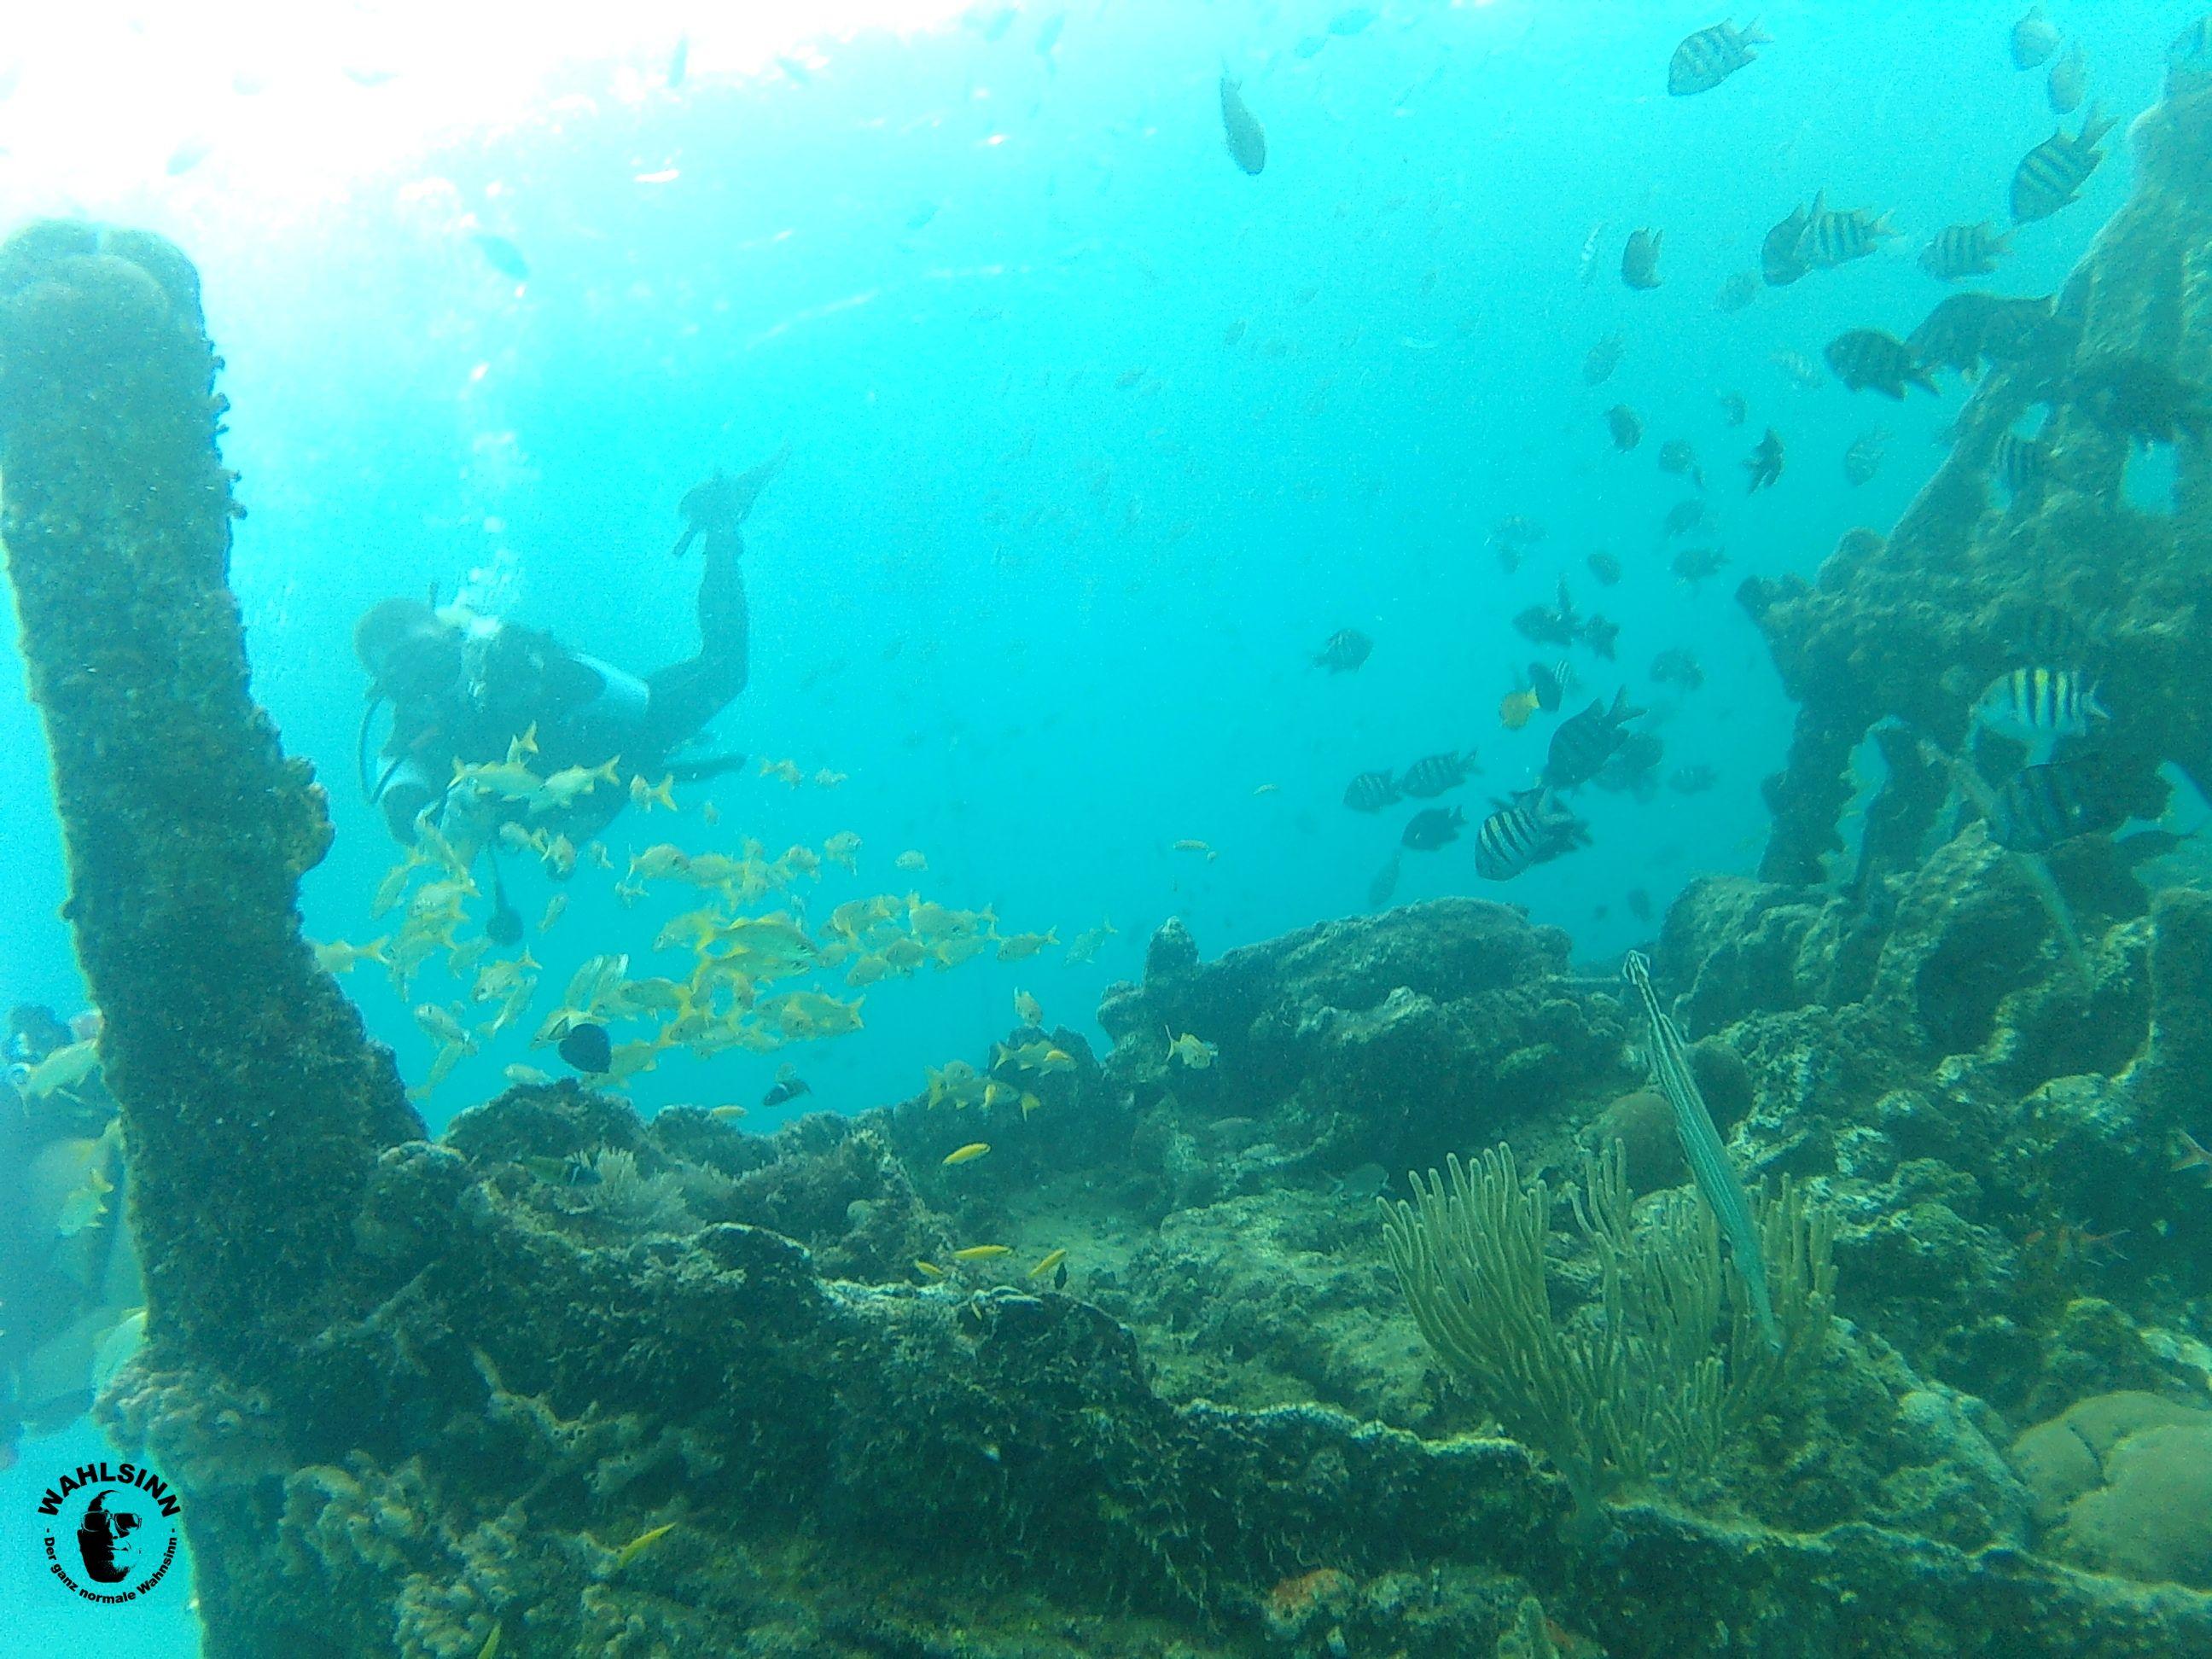 Barbados - Fische soweit das Auge reicht. An den Wracks wimmelt es gerade zu von Ihnen!